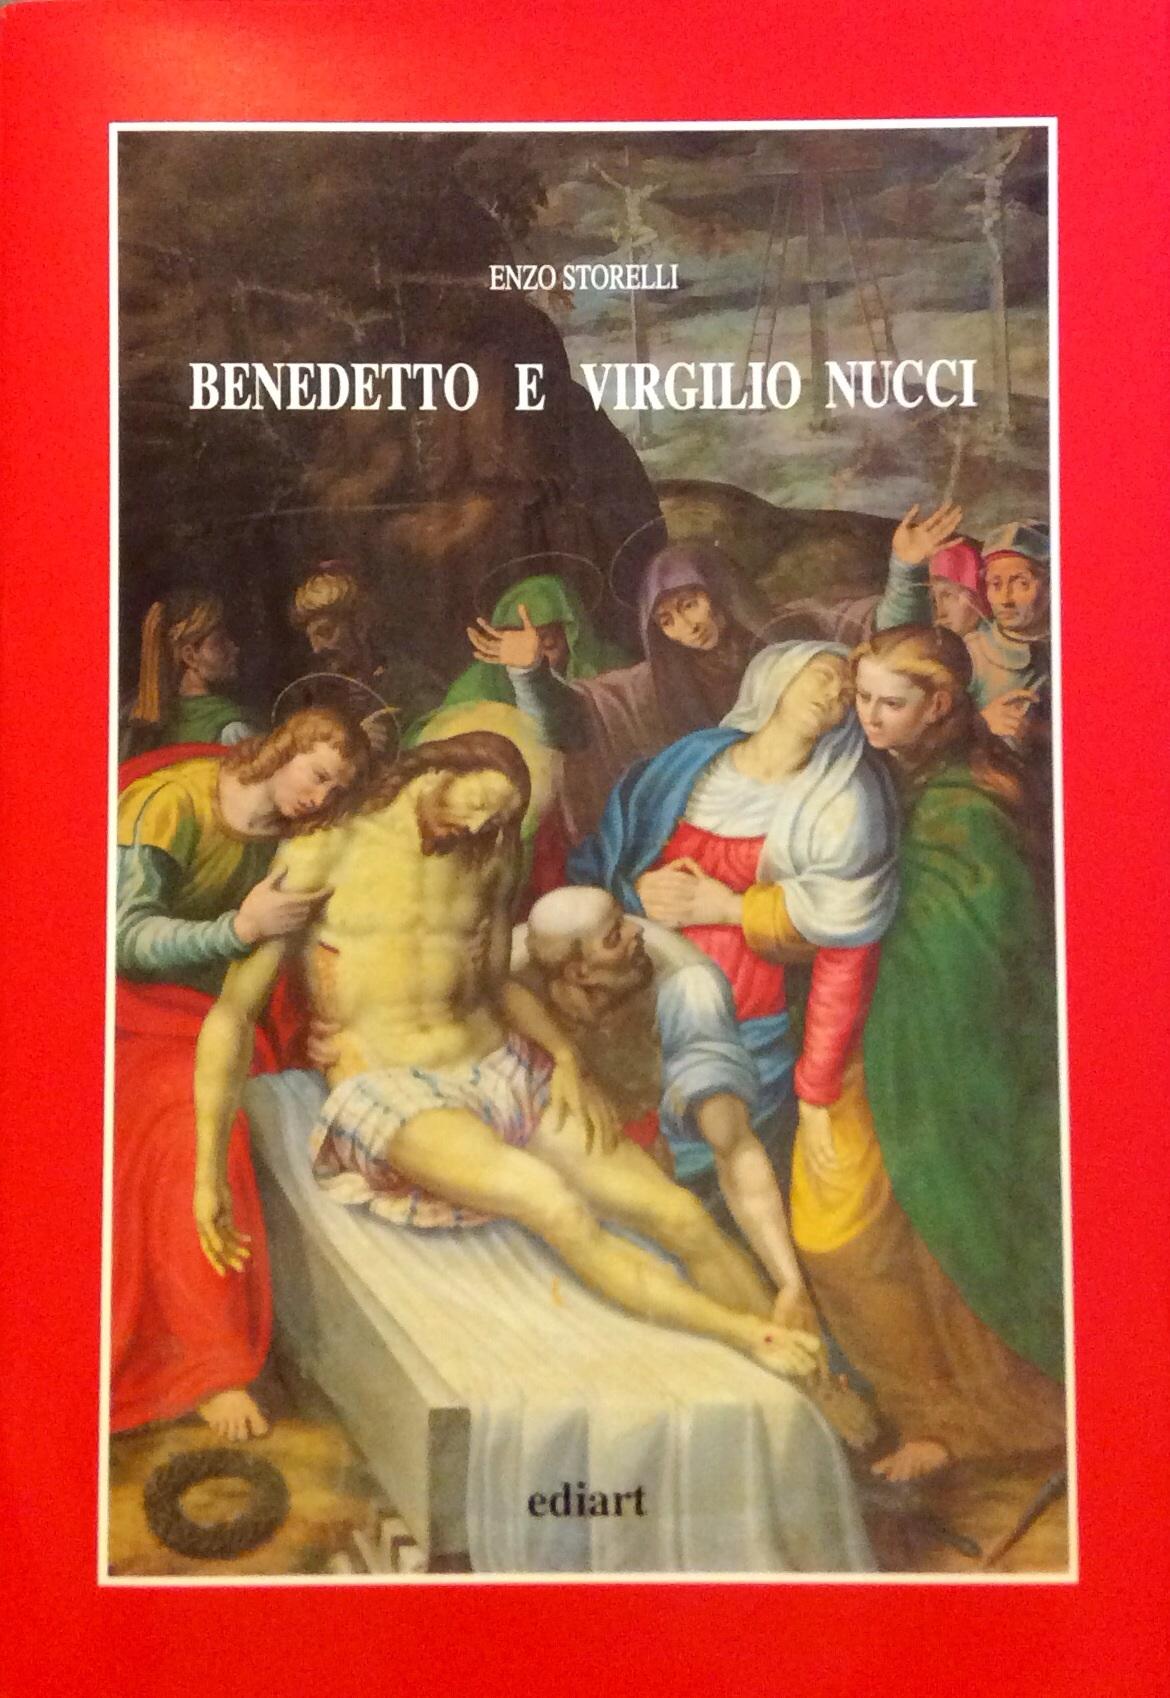 Benedetto e Virgilio Nucci